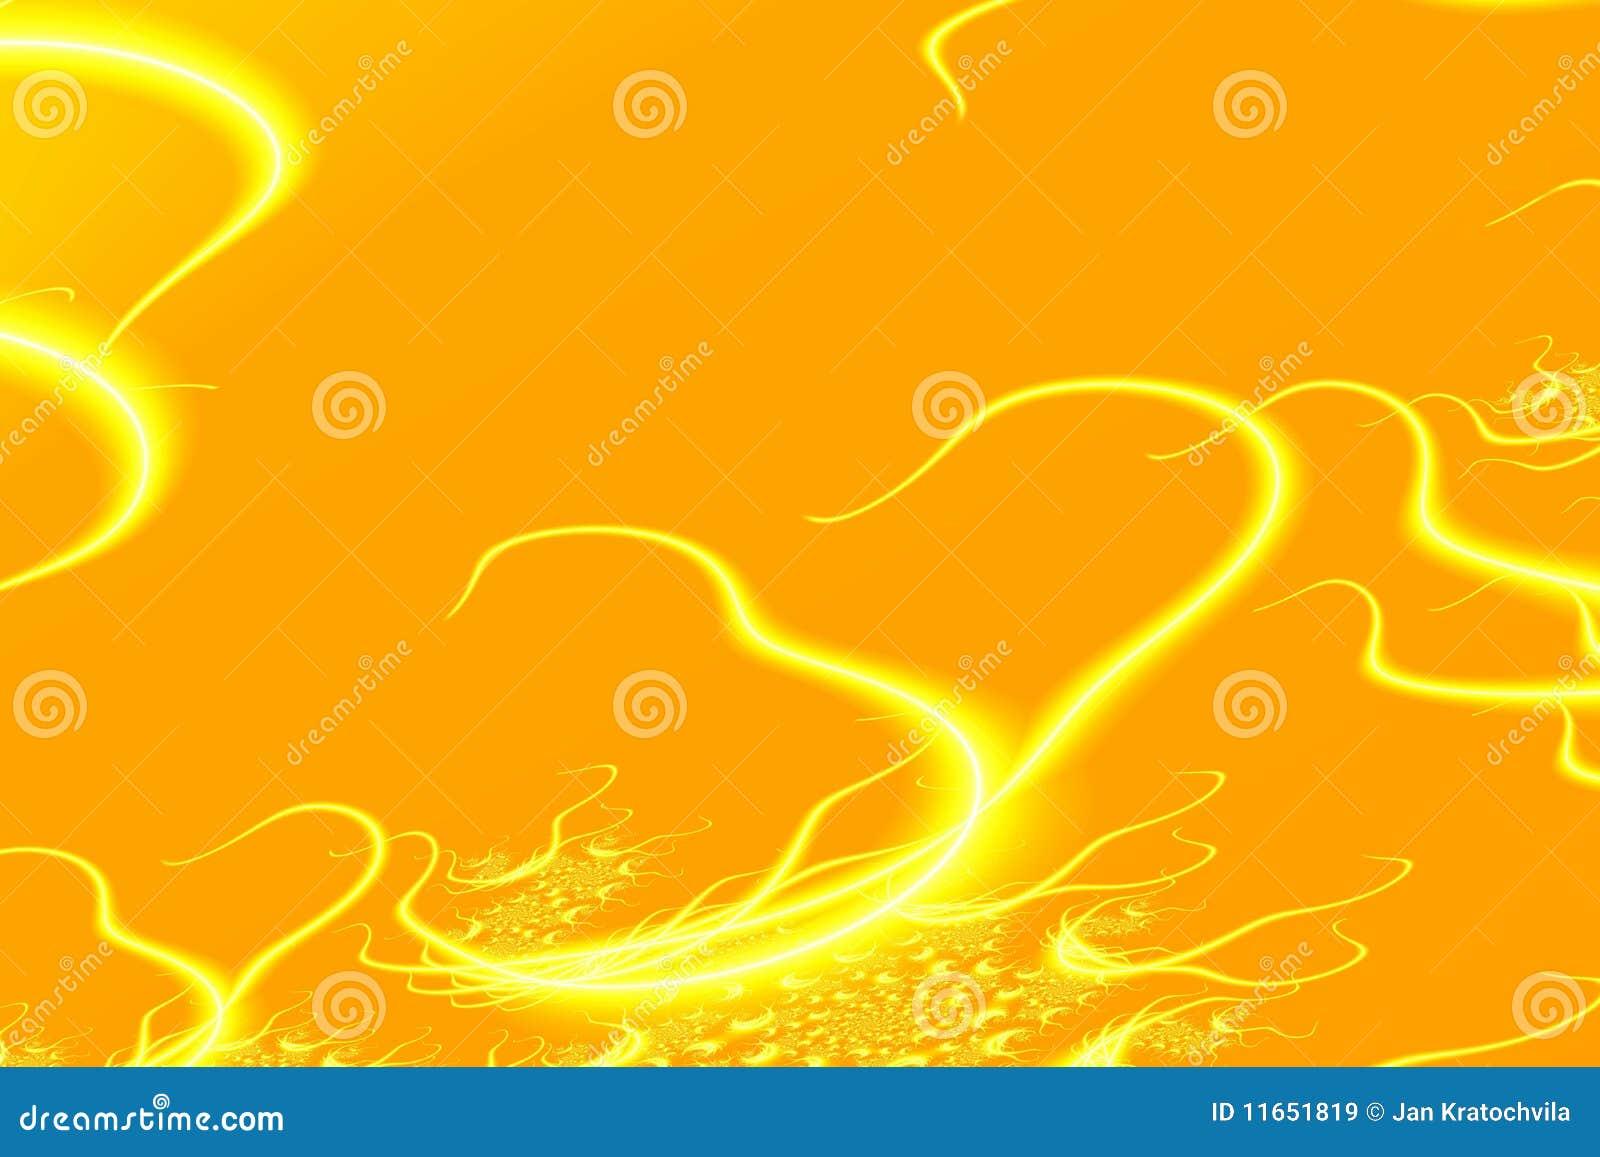 Abstrakcjonistyczny tła serc kolor żółty